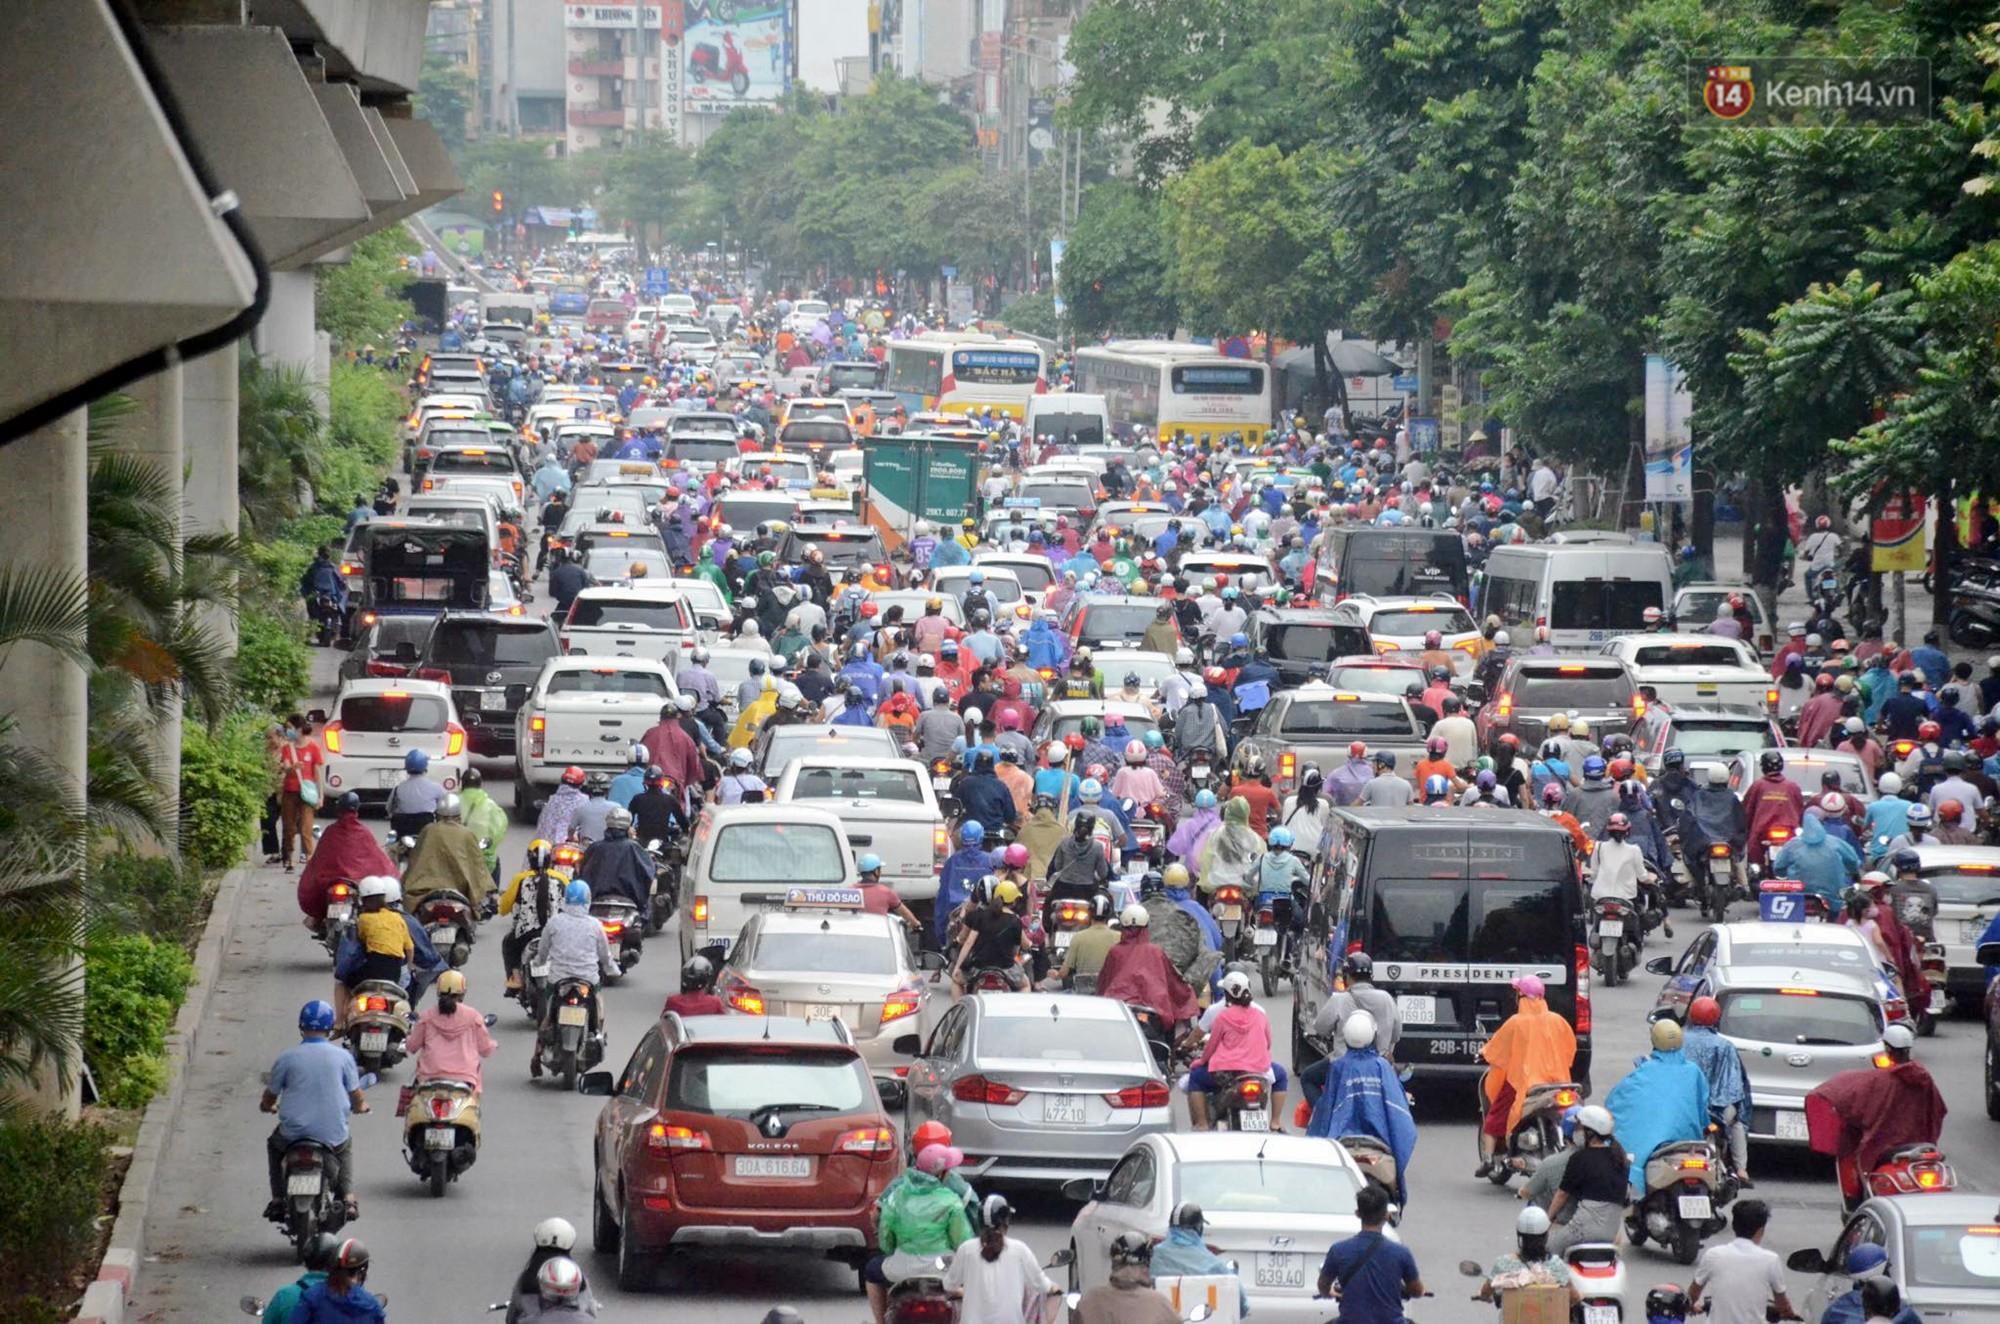 Hà Nội bắt đầu đổ mưa do ảnh hưởng của bão số 2, người dân chật vật lưu thông giờ tan tầm - Ảnh 11.